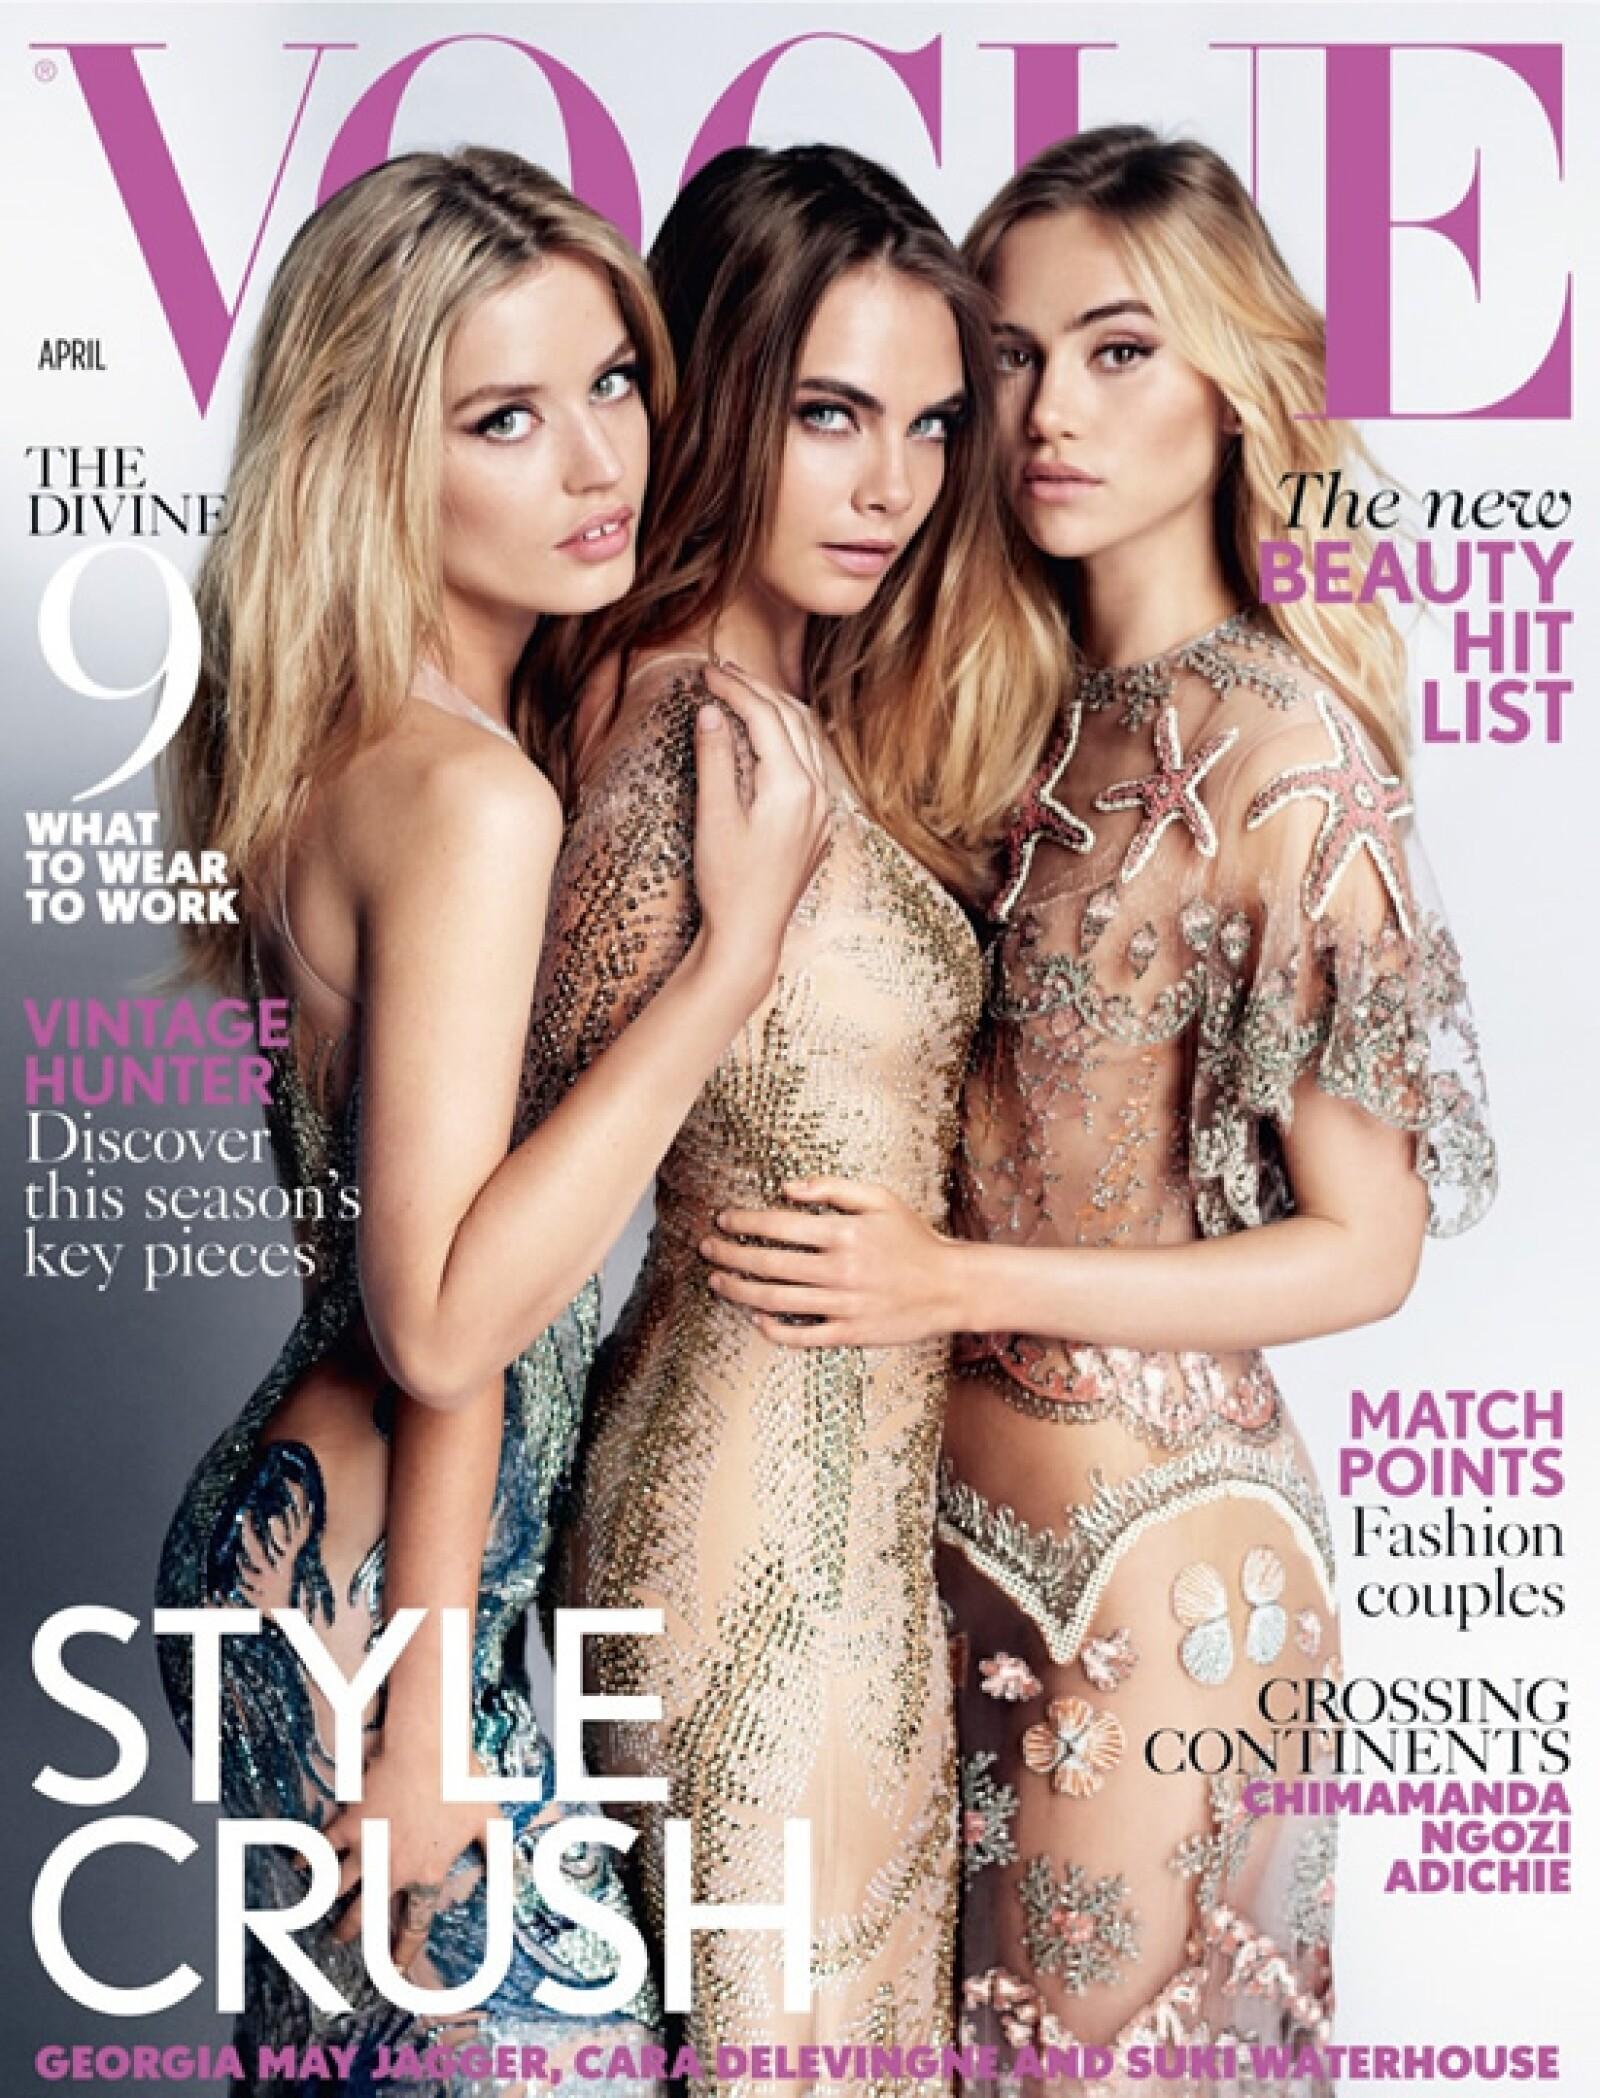 Las mejores amigas Suki Waterhouse, Cara Delevingne y Georgia May Jagger, fueron fotografiadas por Mario Testino para la portada de Vogue UK.